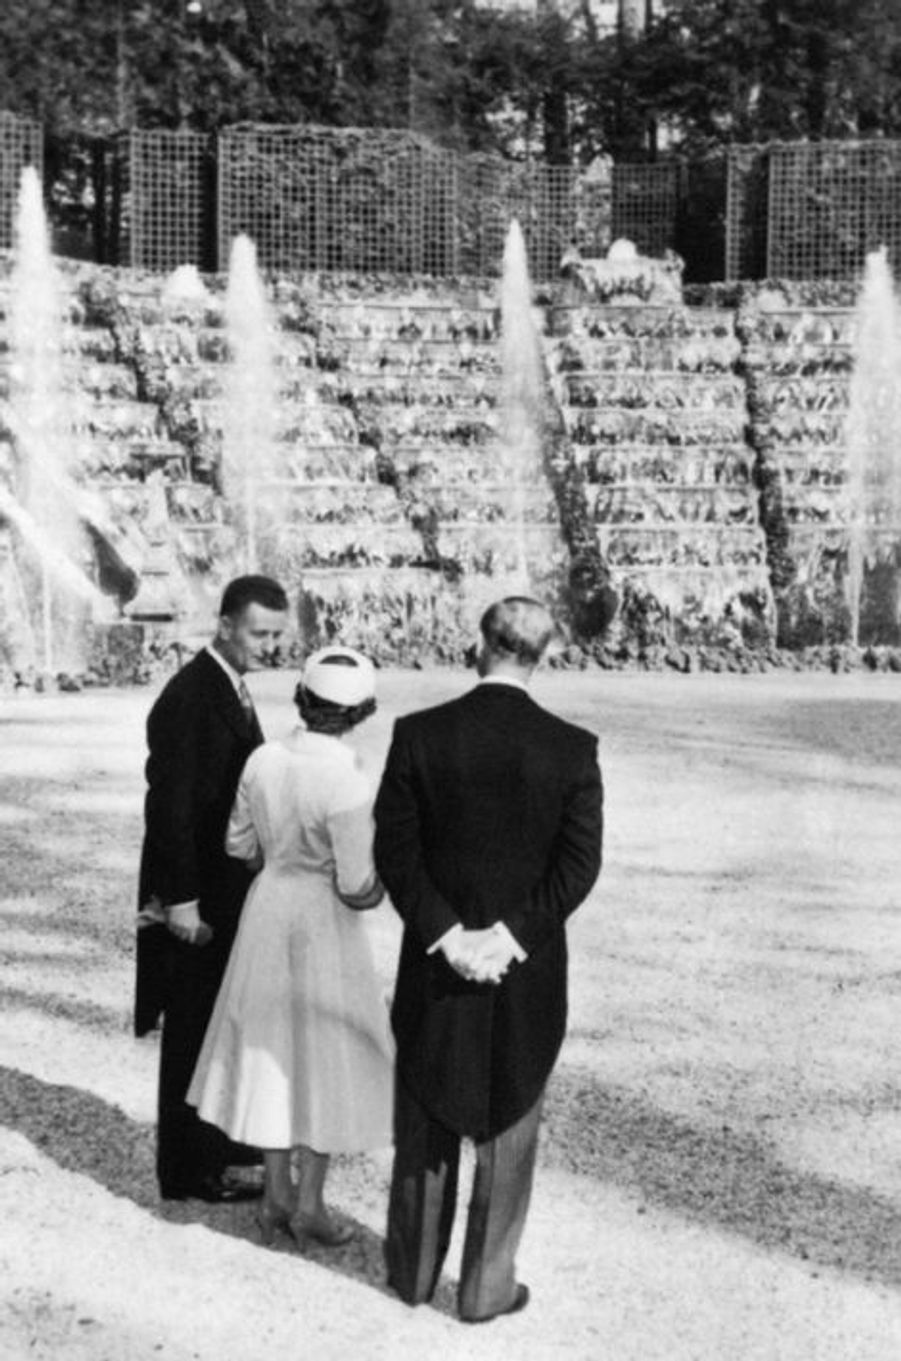 La reine Elizabeth II avec le prince Philip au château de Versailles, le 9 avril 1957